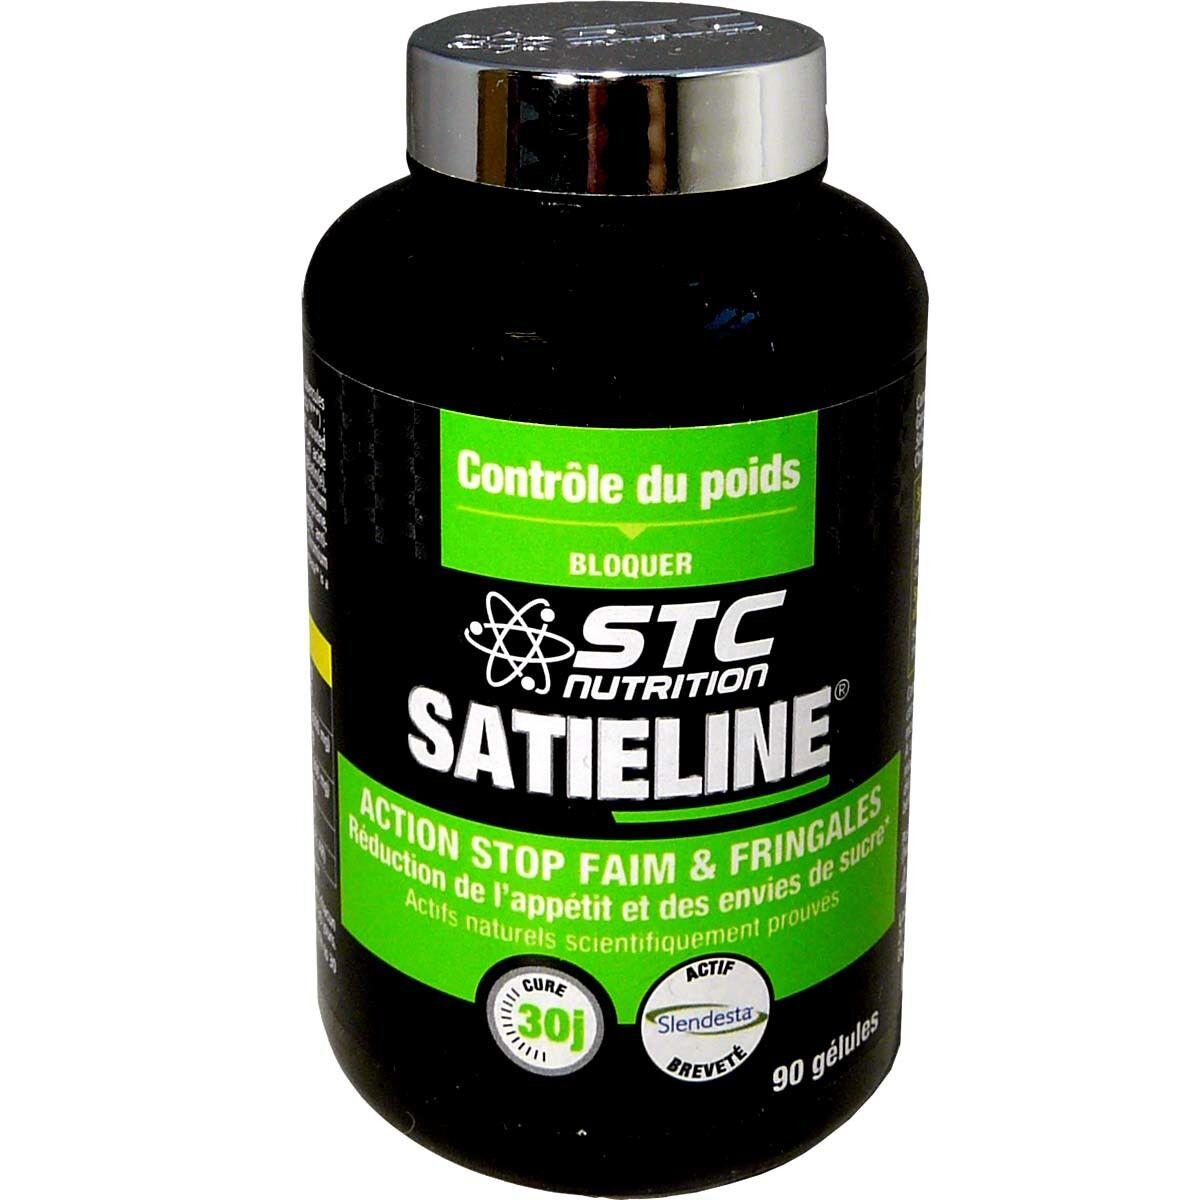 Stc nutrition satieline 90 gelules